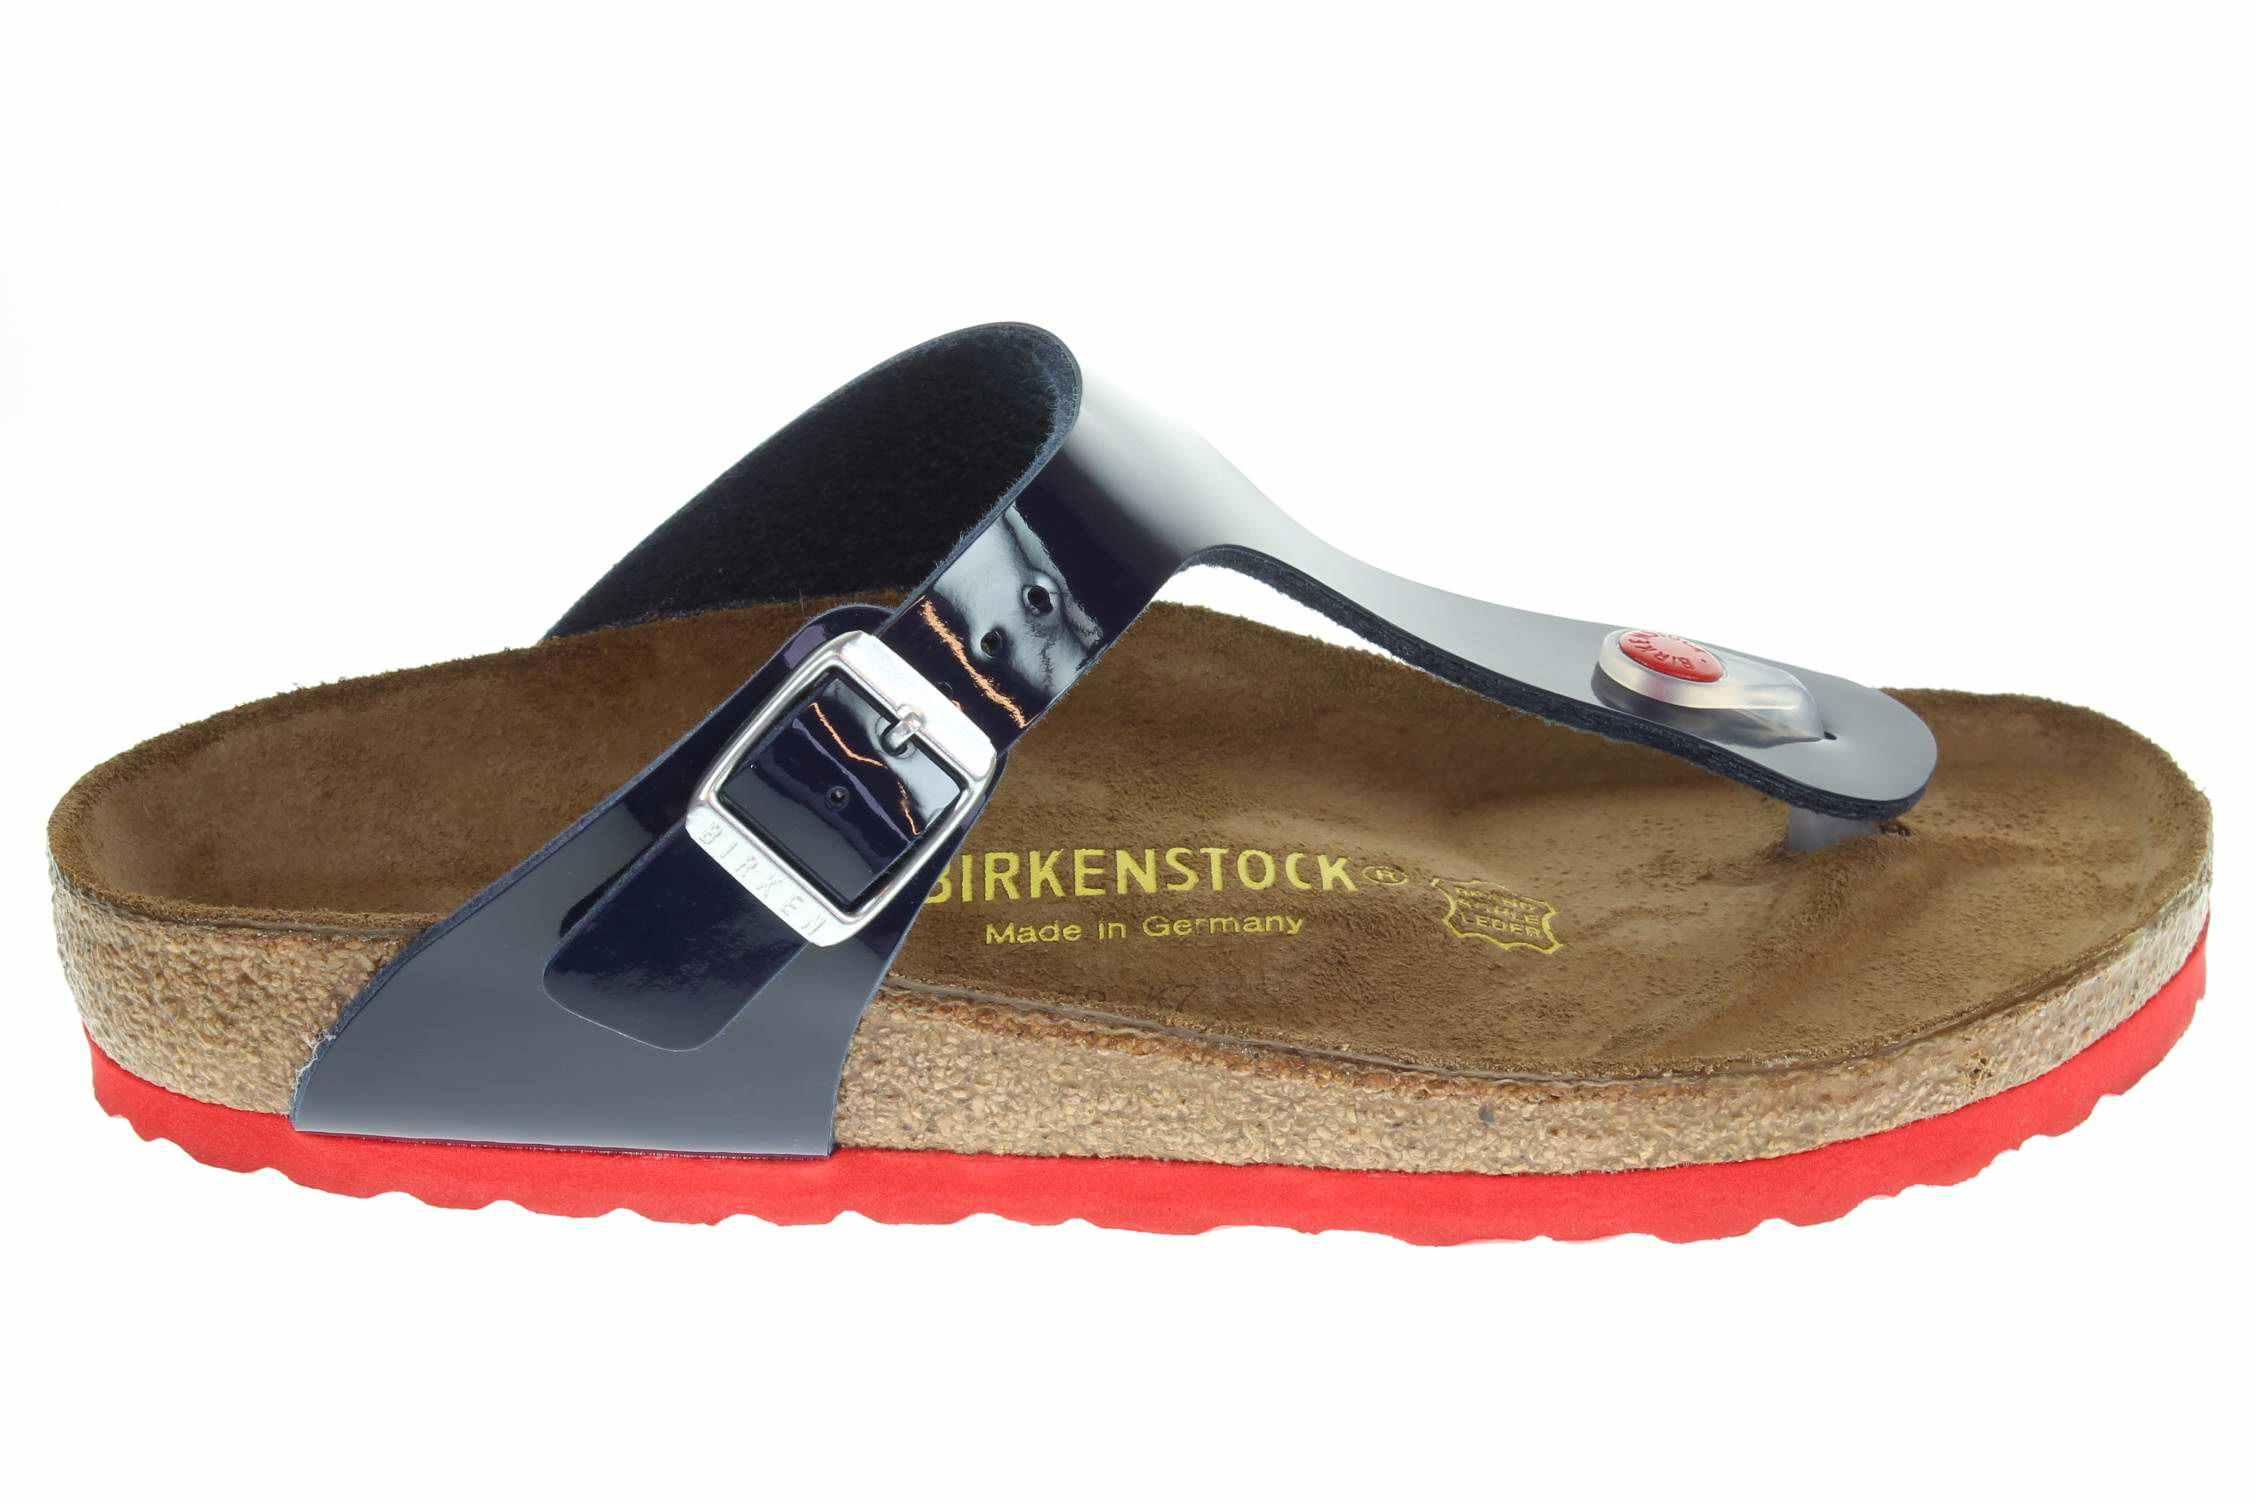 49fe8e41a3fa Birkenstock Gizeh dámské pantofle 845881 modré